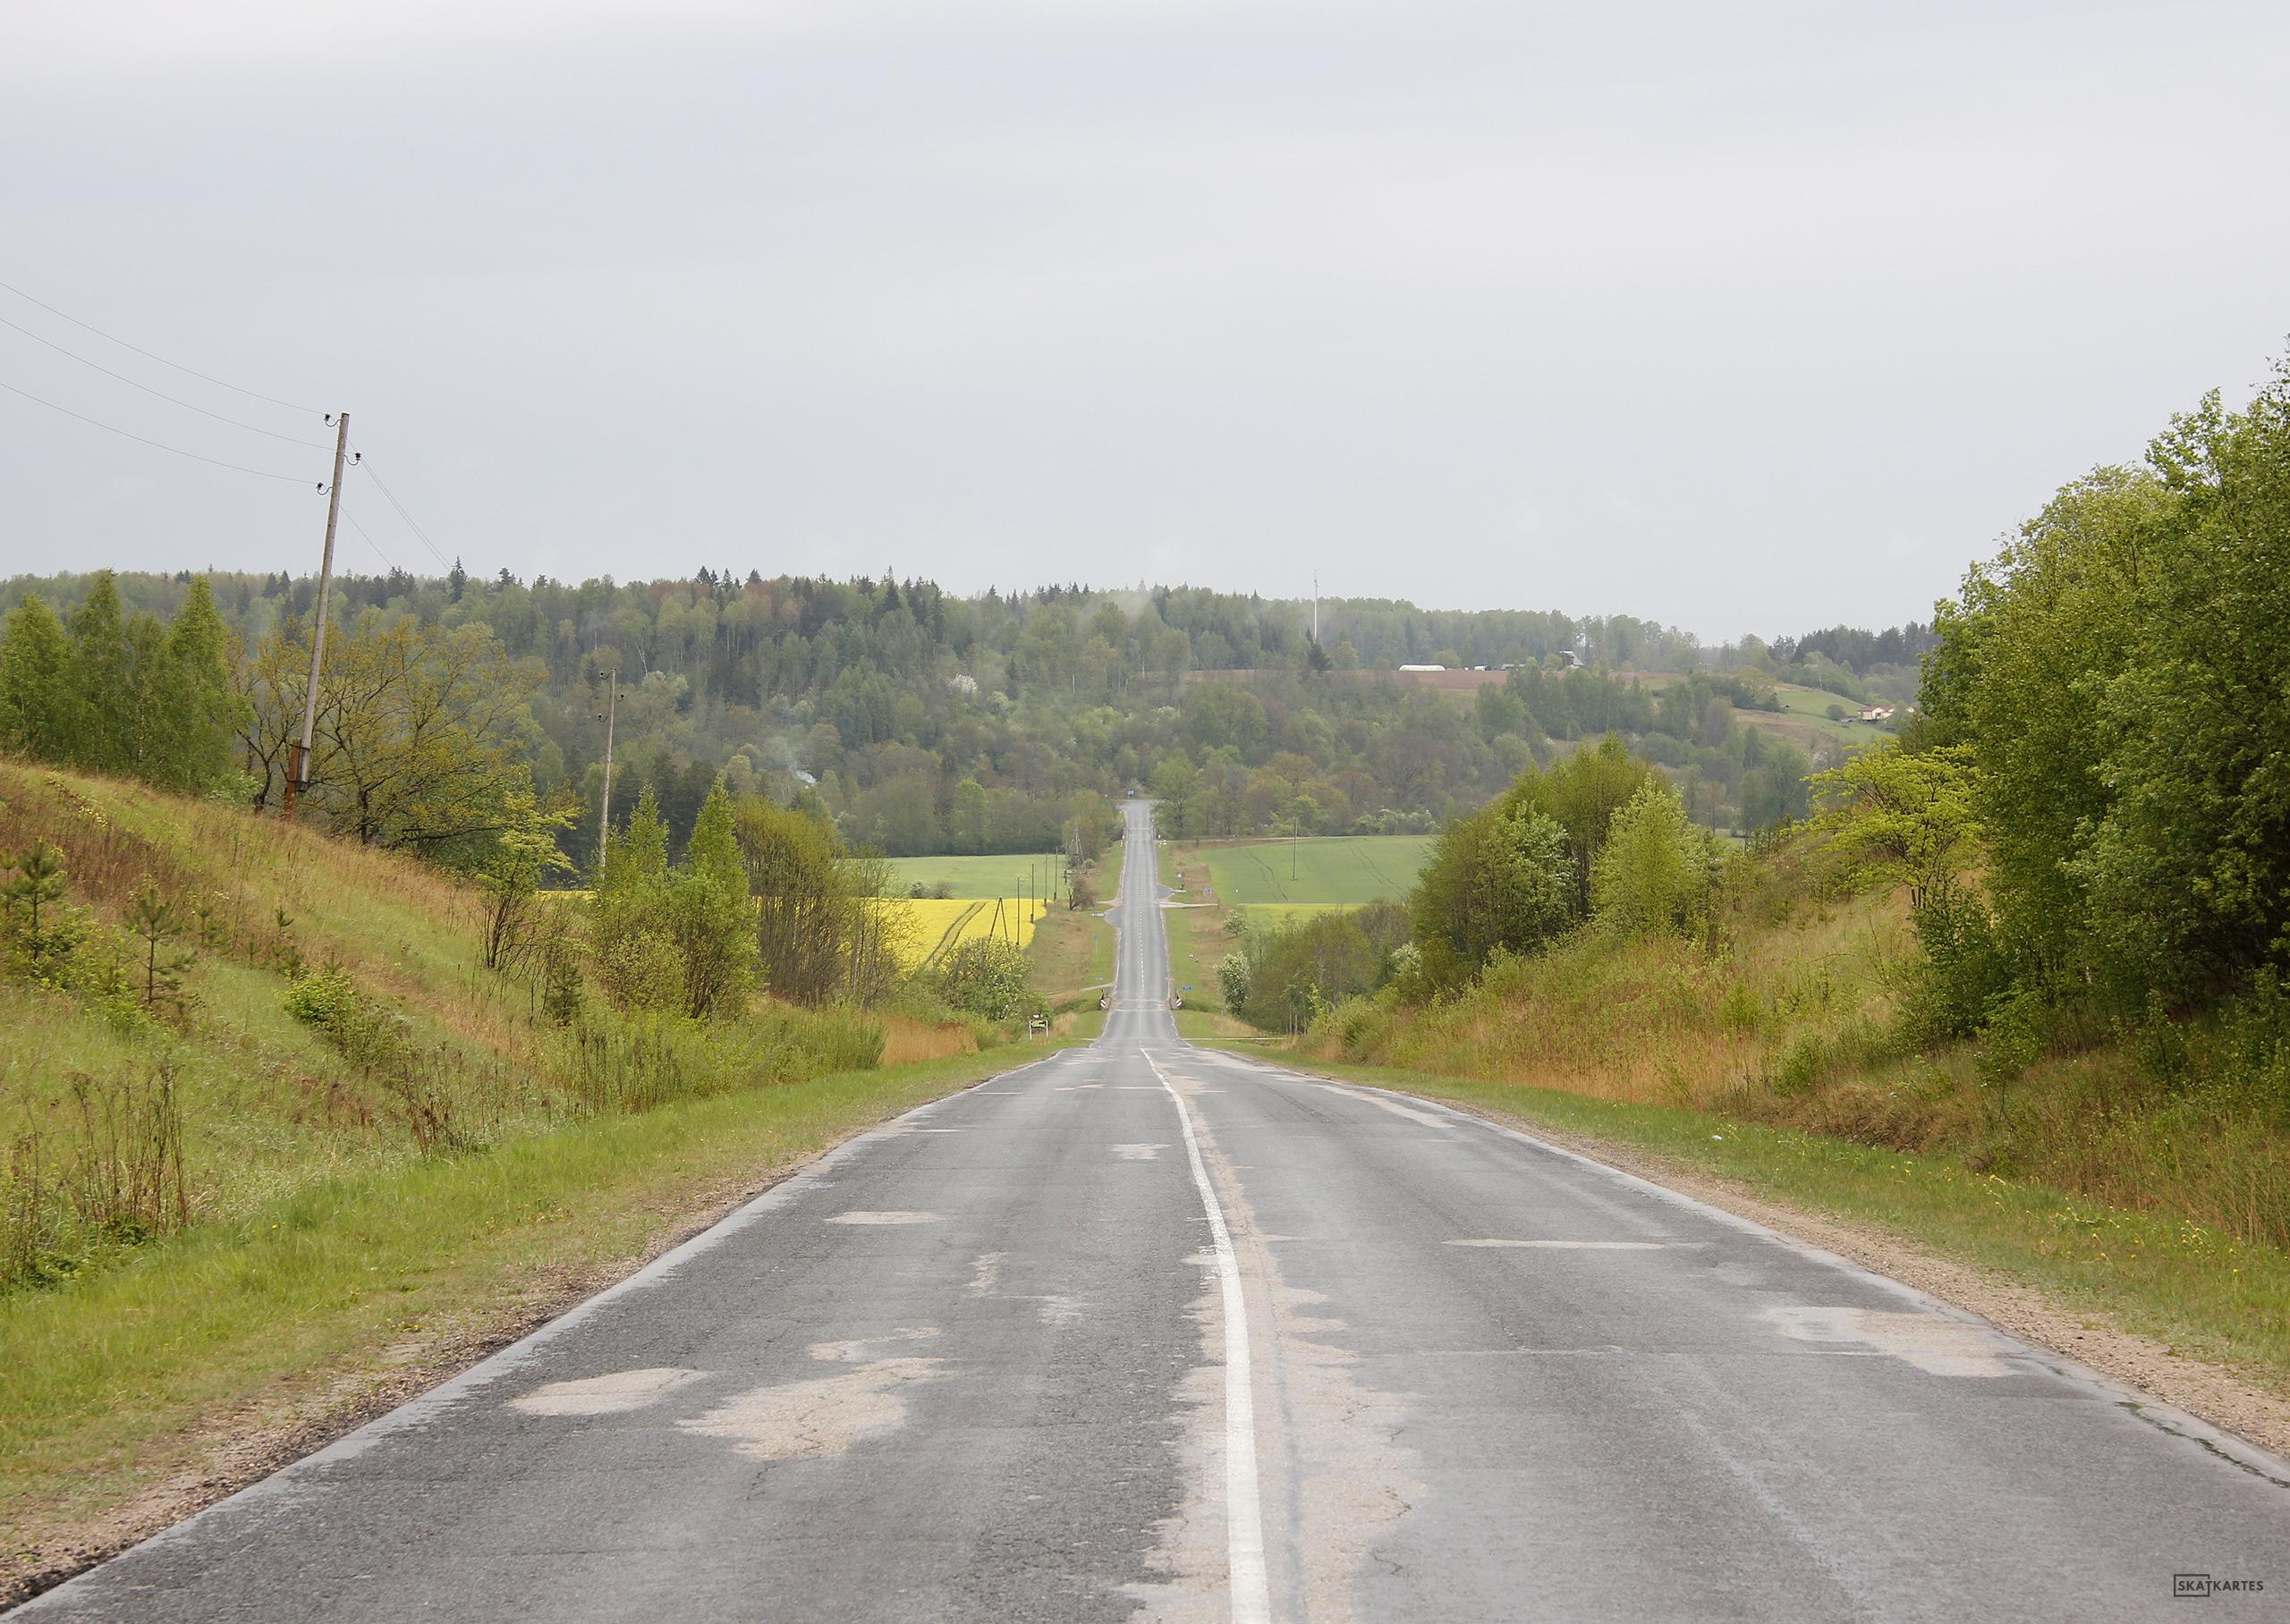 Skatkarte Nr. 1133 - Tilts uz nekurieni (2016. gada pavasaris).